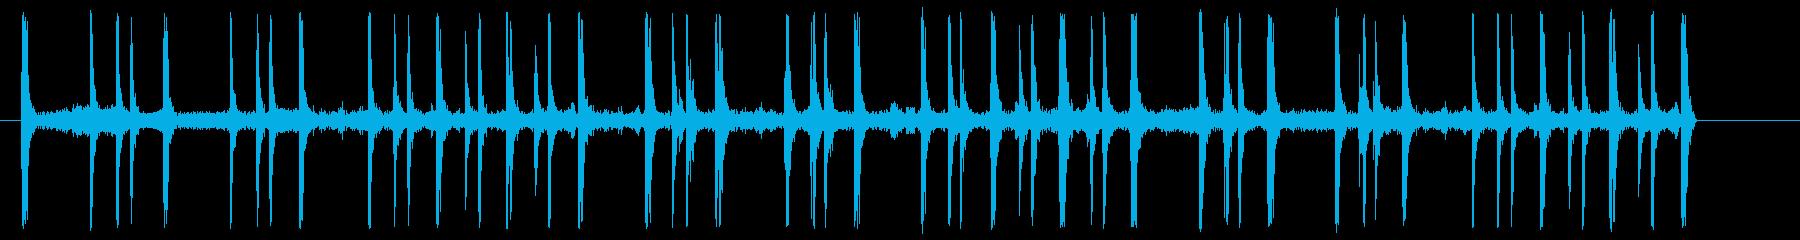 ドラム、トランペット、アルカブスの再生済みの波形